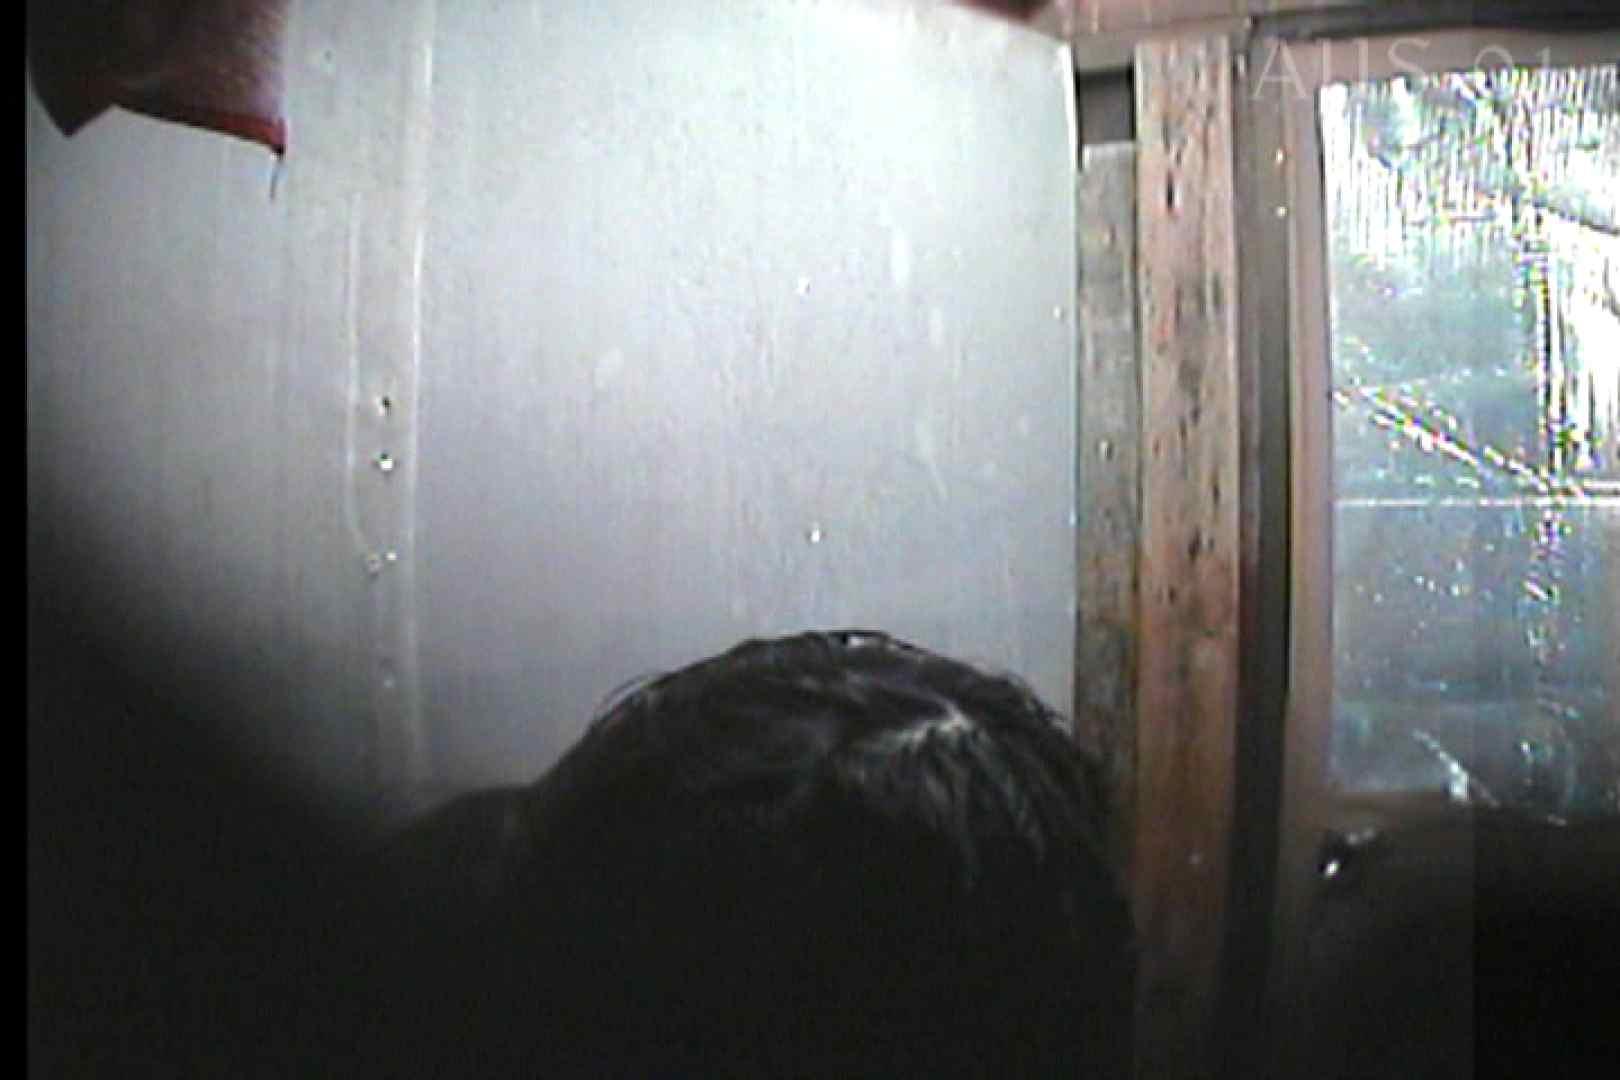 海の家の更衣室 Vol.05 OLの実態  84pic 15